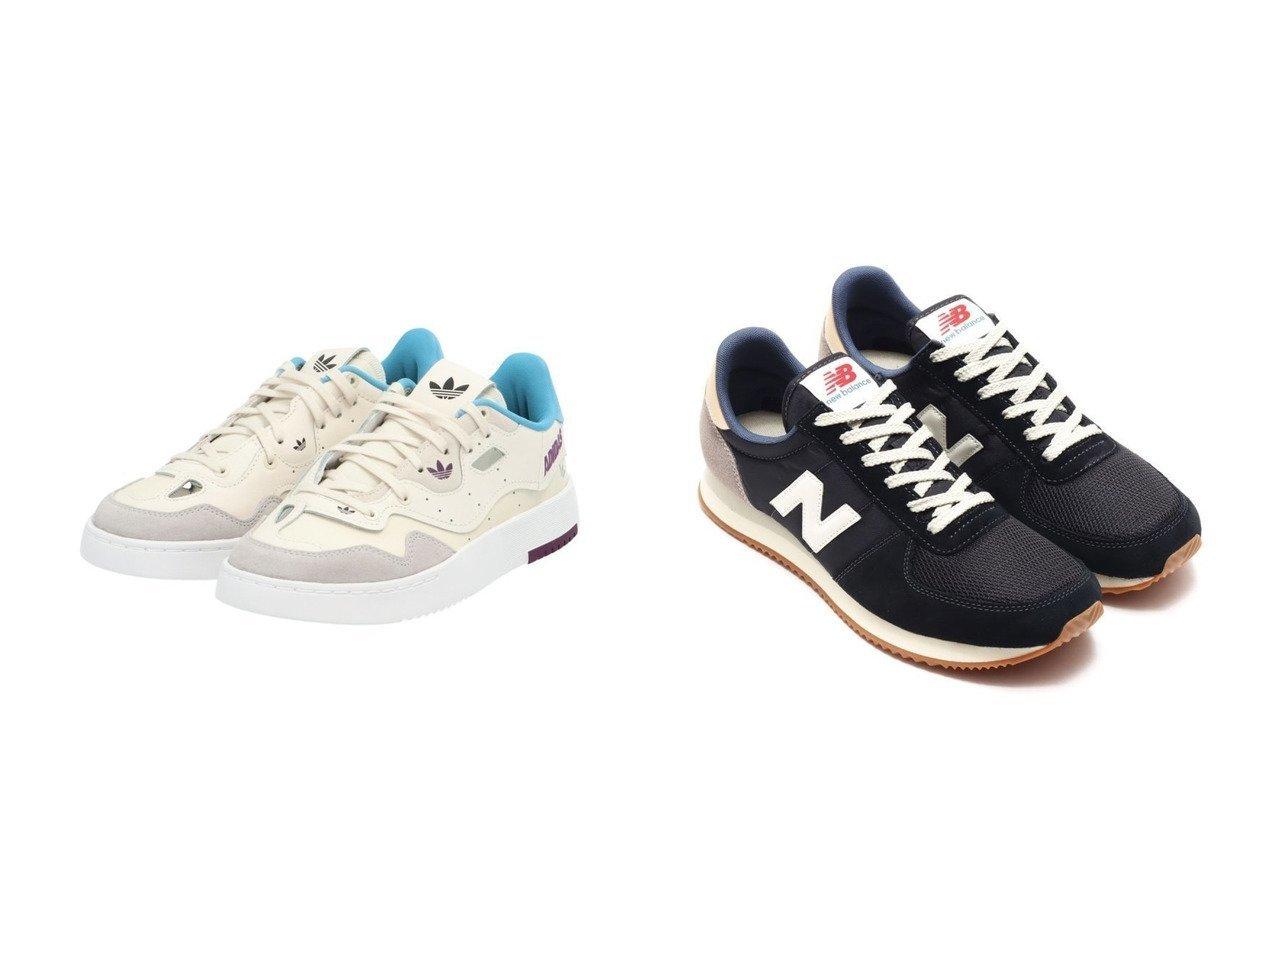 【new balance/ニューバランス】のNew Balance U220DG2&【adidas Originals/アディダス オリジナルス】のスーパーコート XX Supercourt XX アディダスオリジナルス FX5764 【シューズ・靴】おすすめ!人気、トレンド・レディースファッションの通販  おすすめで人気の流行・トレンド、ファッションの通販商品 メンズファッション・キッズファッション・インテリア・家具・レディースファッション・服の通販 founy(ファニー) https://founy.com/ ファッション Fashion レディースファッション WOMEN アウター Coat Outerwear コート Coats NEW・新作・新着・新入荷 New Arrivals グラフィック シューズ スニーカー スポーツ スリッポン フィット ベスト ミックス レギュラー レース |ID:crp329100000026279